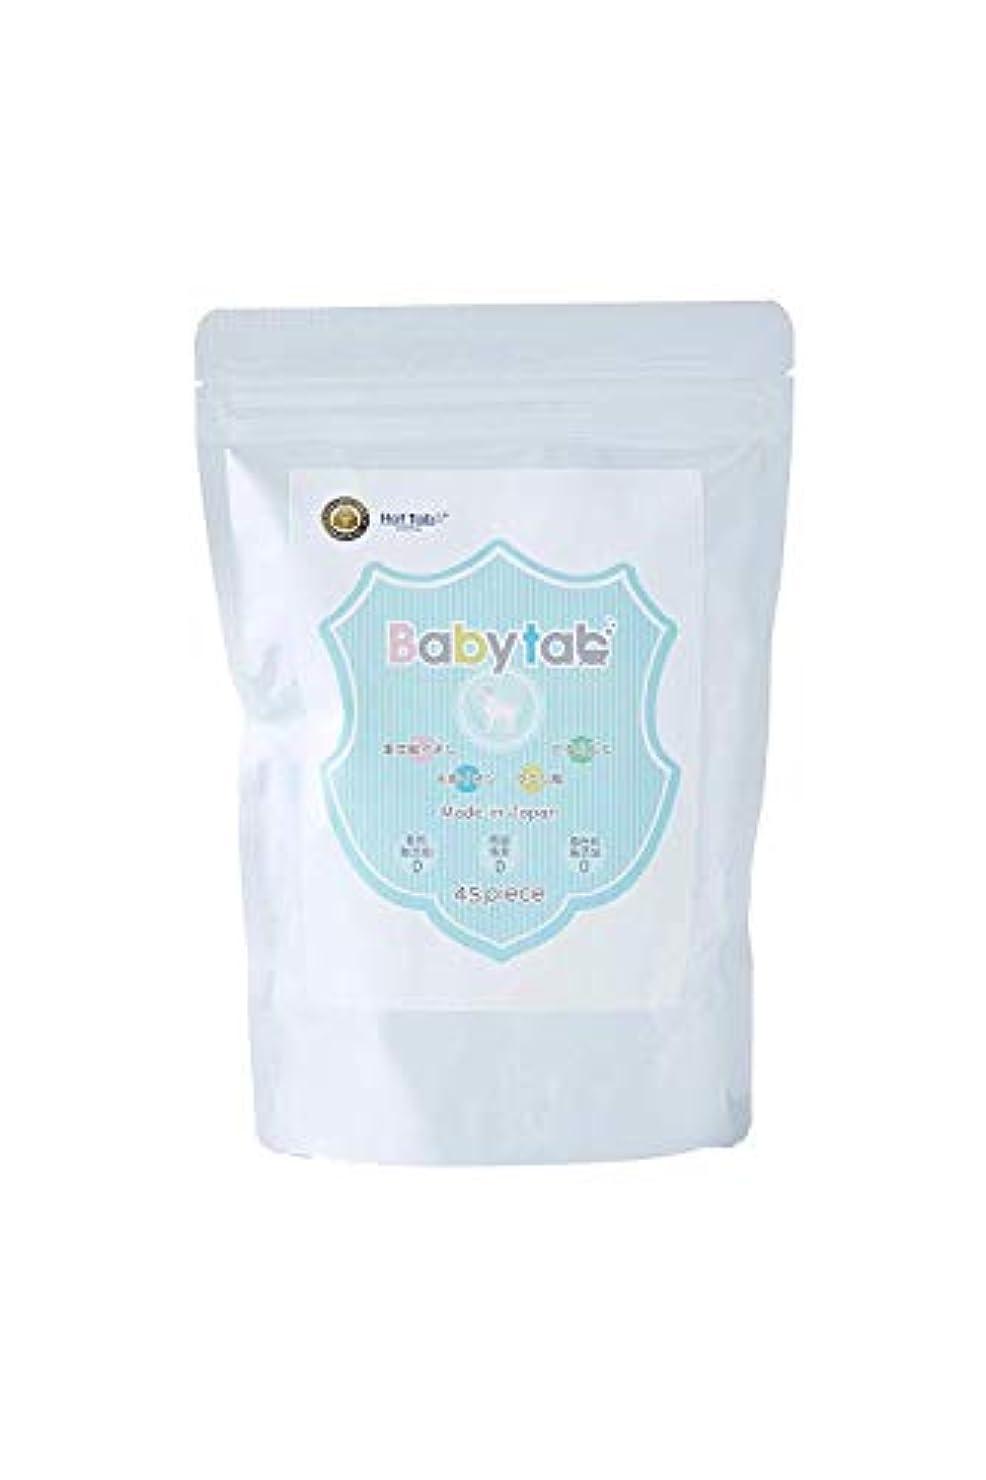 アマチュア流産媒染剤ベビタブ【Babytab】重炭酸 中性 入浴剤 沐浴剤 45錠入り(無添加 無香料 保湿 乾燥肌 オーガニック あせも 塩素除去)赤ちゃんから使える